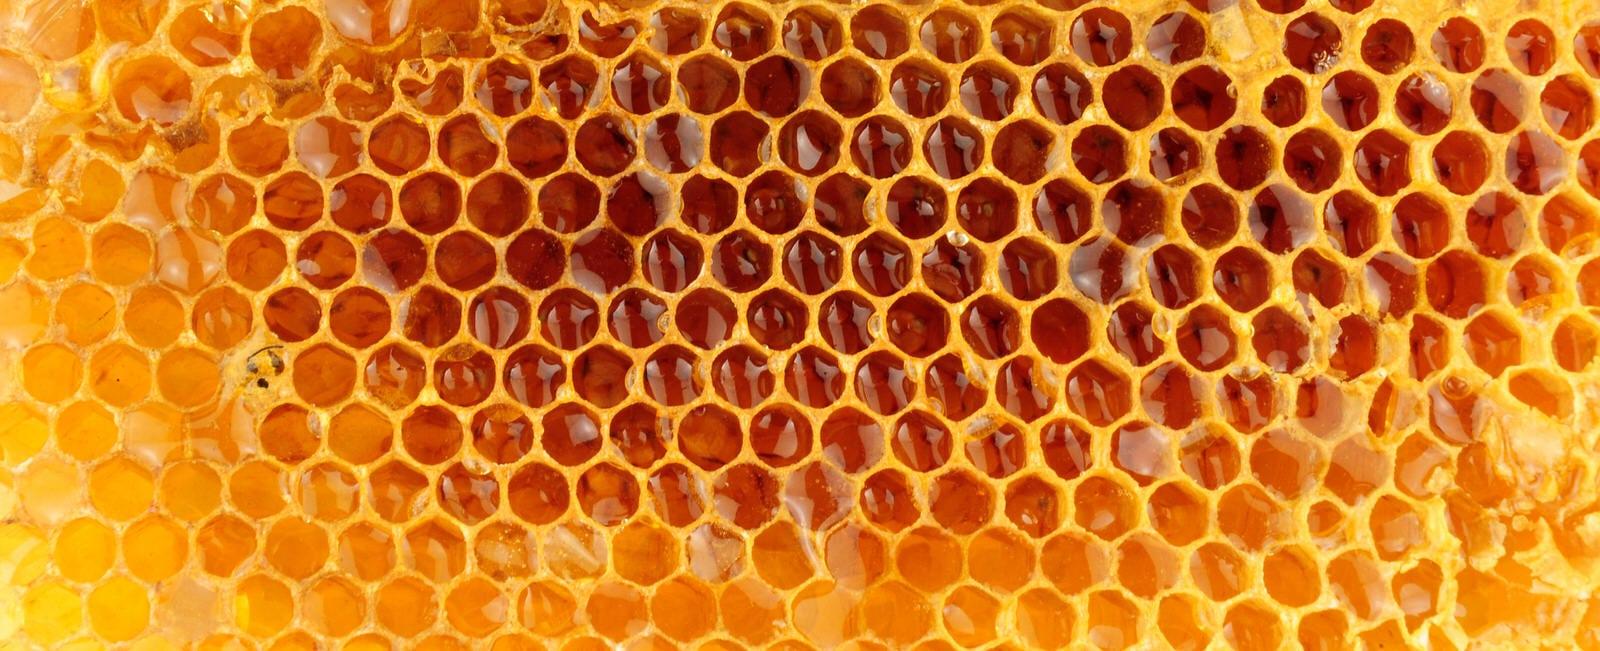 Gefüllte Honigwaben